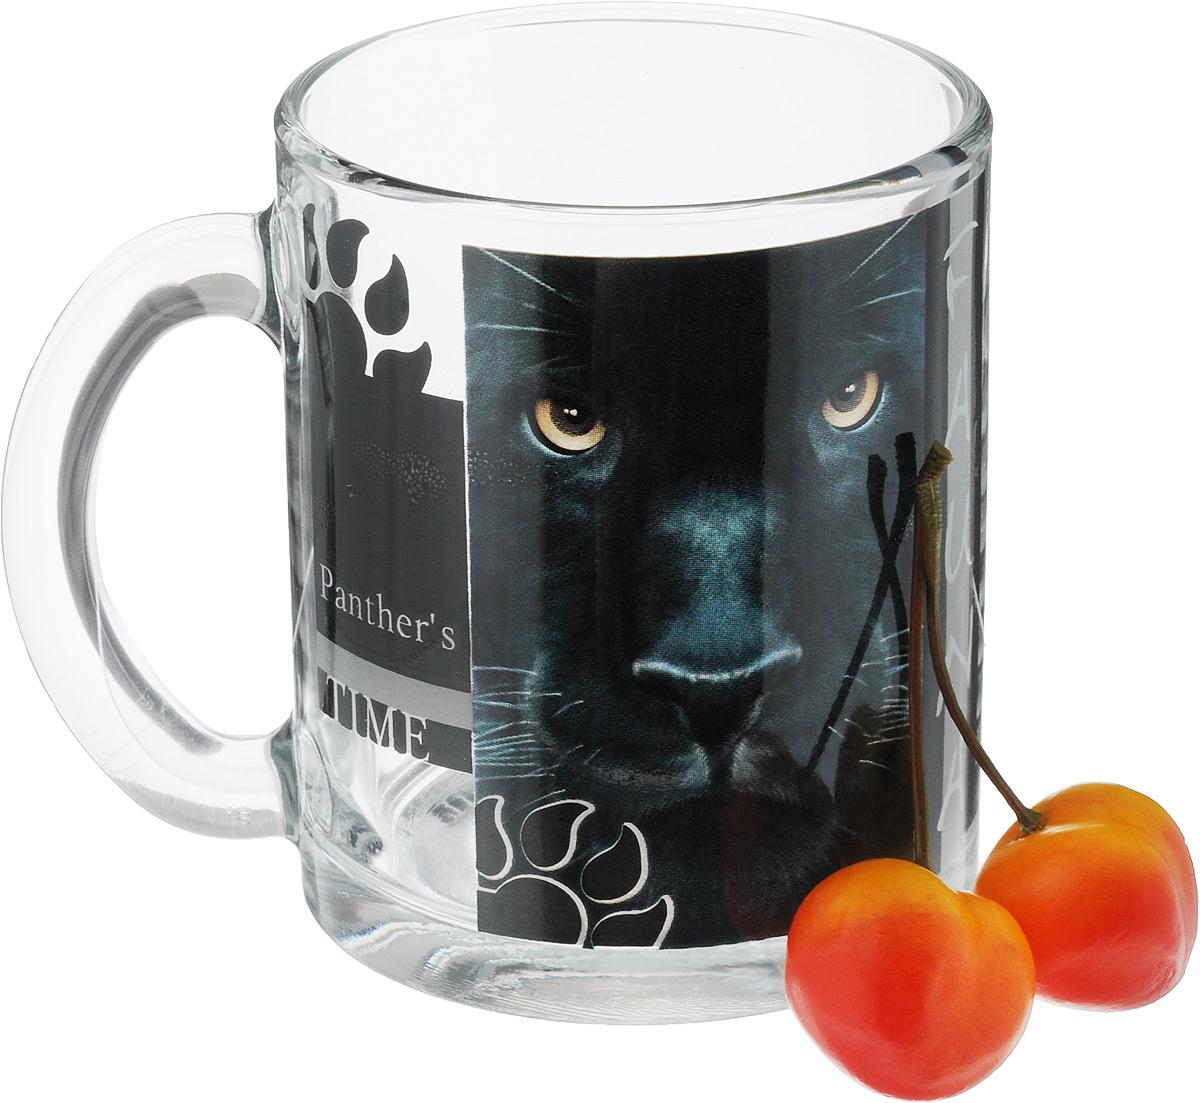 Кружка OSZ Чайная. Дикие кошки. Пантера, 320 мл04C1208-DKK_ПантераКружка OSZ Чайная. Дикие кошки. Пантера изготовлена из стекла и декорирована принтом.Диаметр (по верхнему краю): 8 см. Высота: 9,5 см. Объем: 320 мл.